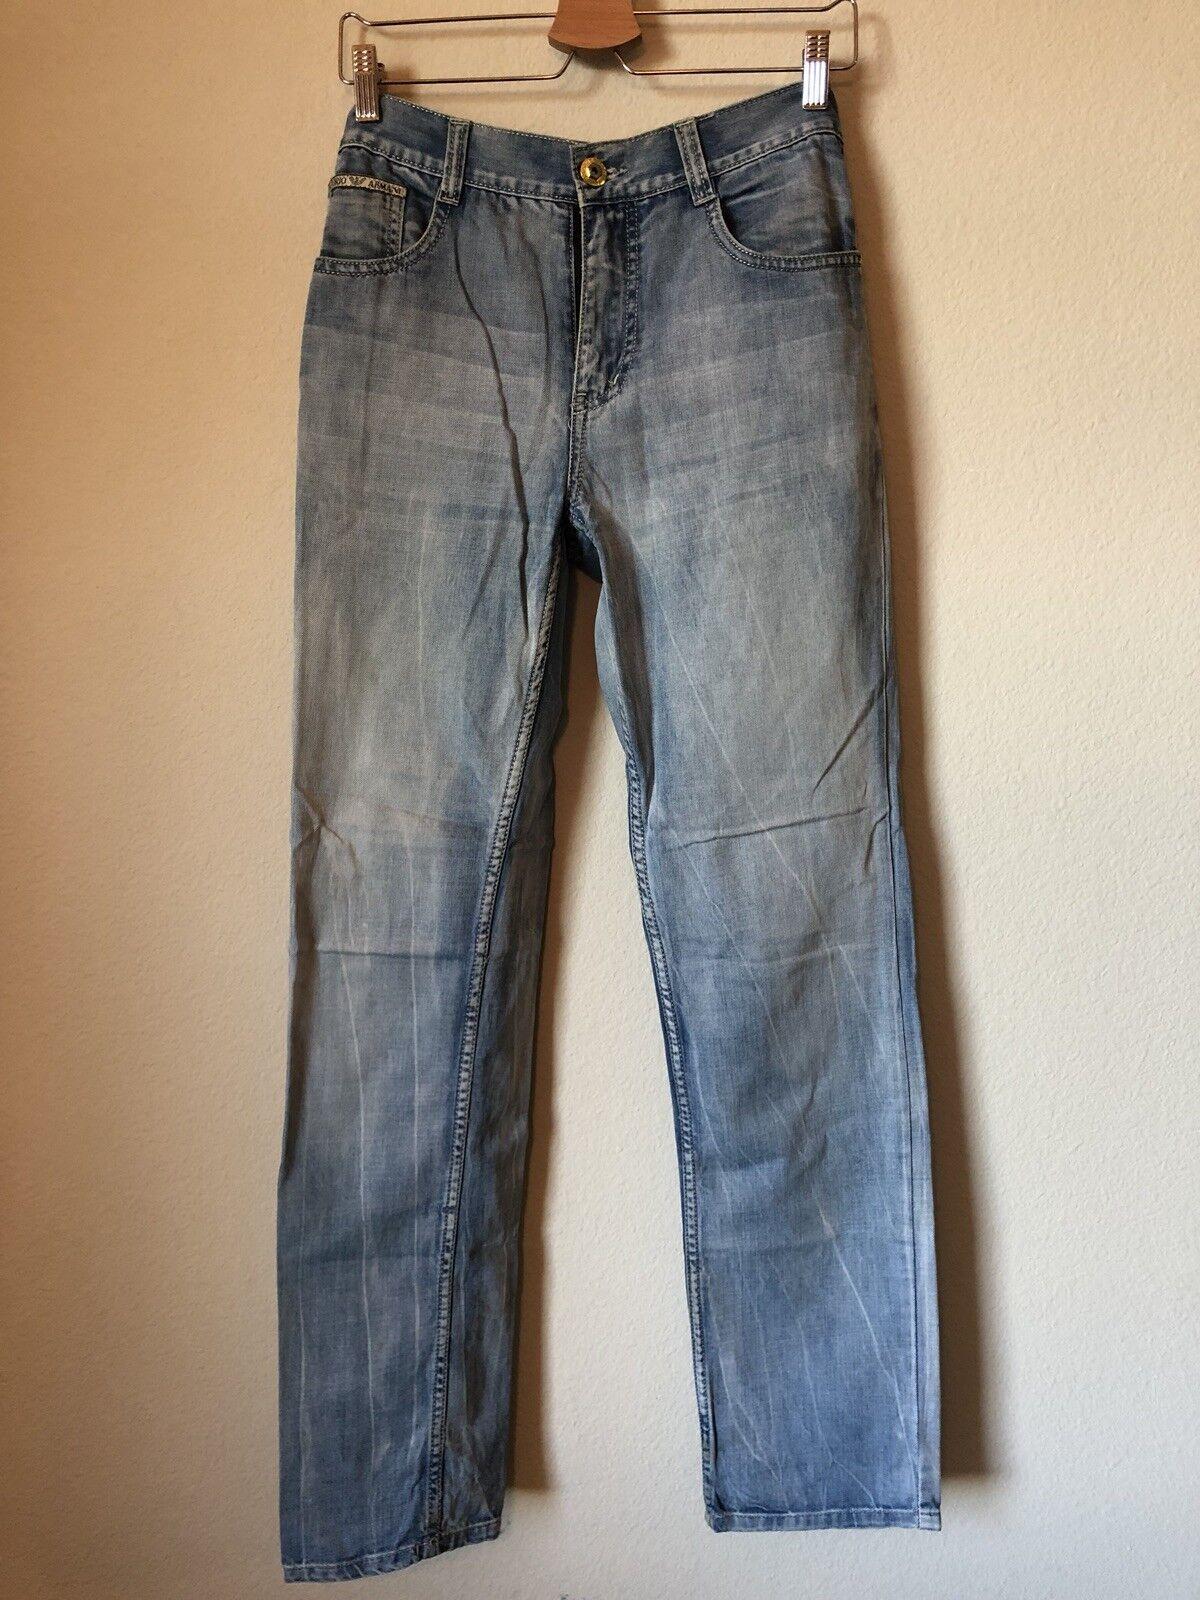 Emporio ARMANI hombres Jeans  33 X 32 SLIM FIT pierna recta luz del cielo azul Algodón  nueva gama alta exclusiva